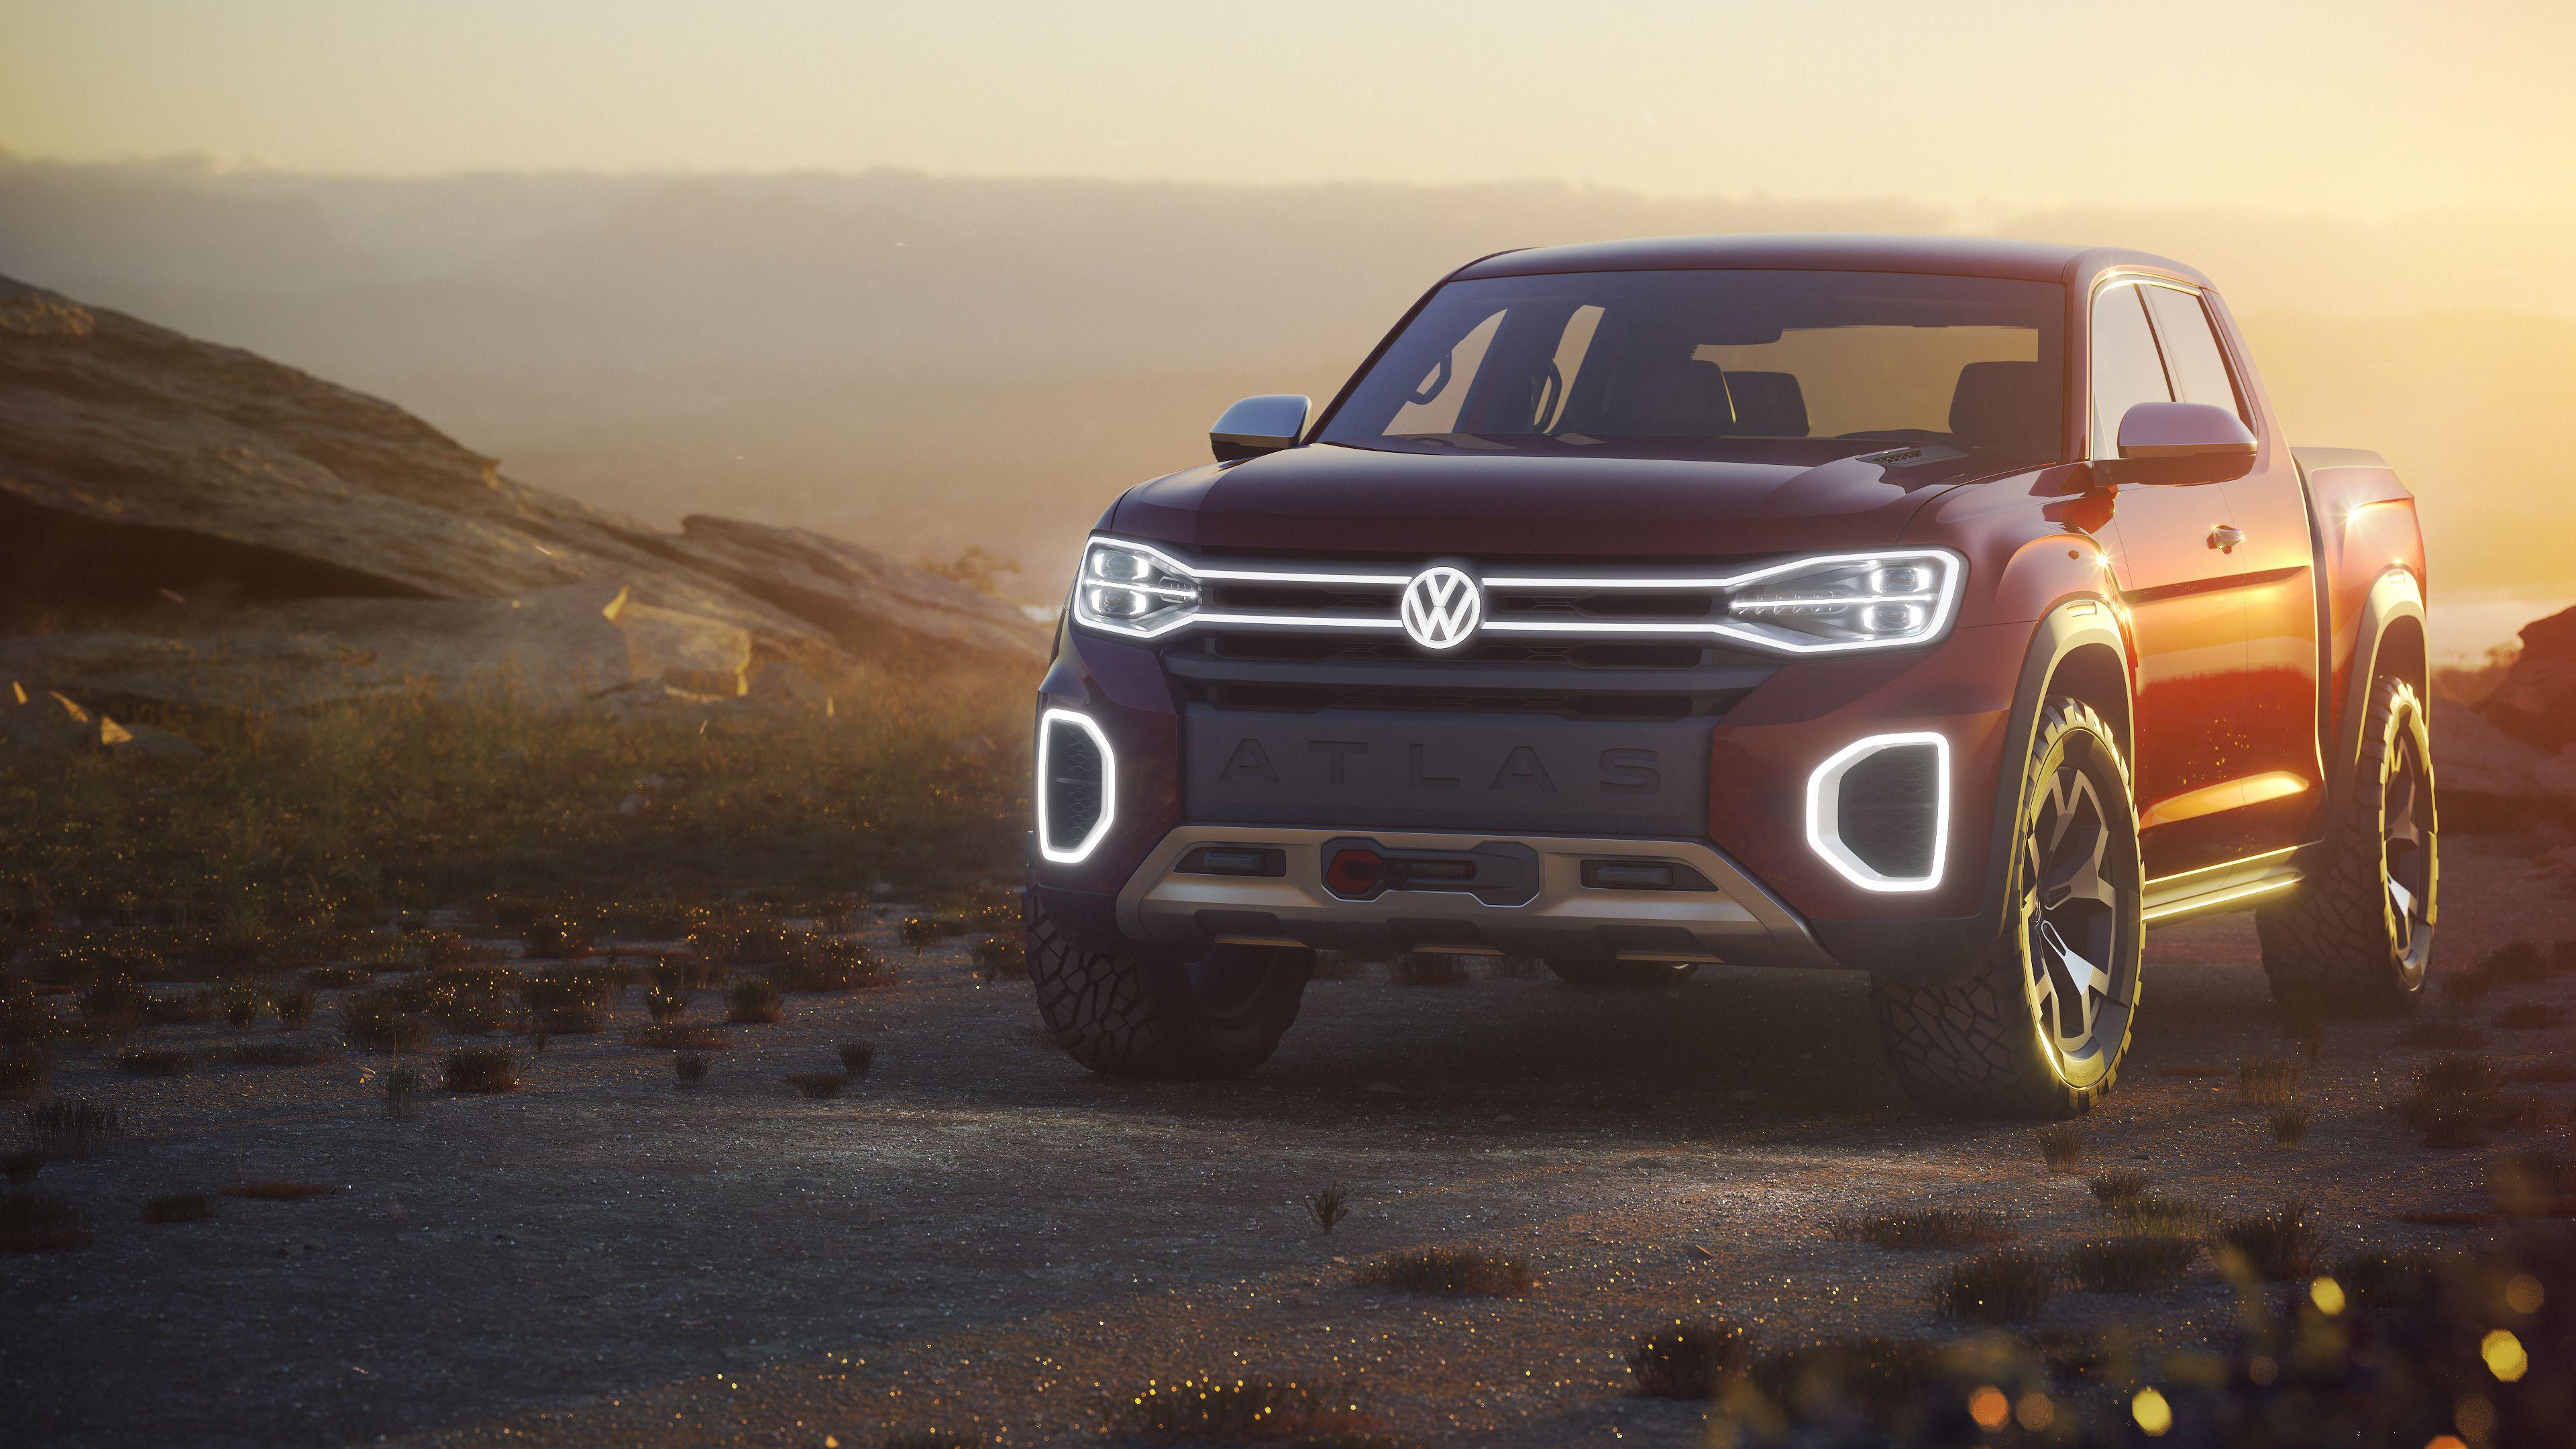 Volkswagen Atlas Tanoak Pickup Truck Concept 2018 Volkswagen Wallpapers Volkswagen Atlas Tanoak Wallpapers Hd Wall New Pickup Trucks Volkswagen Pickup Trucks